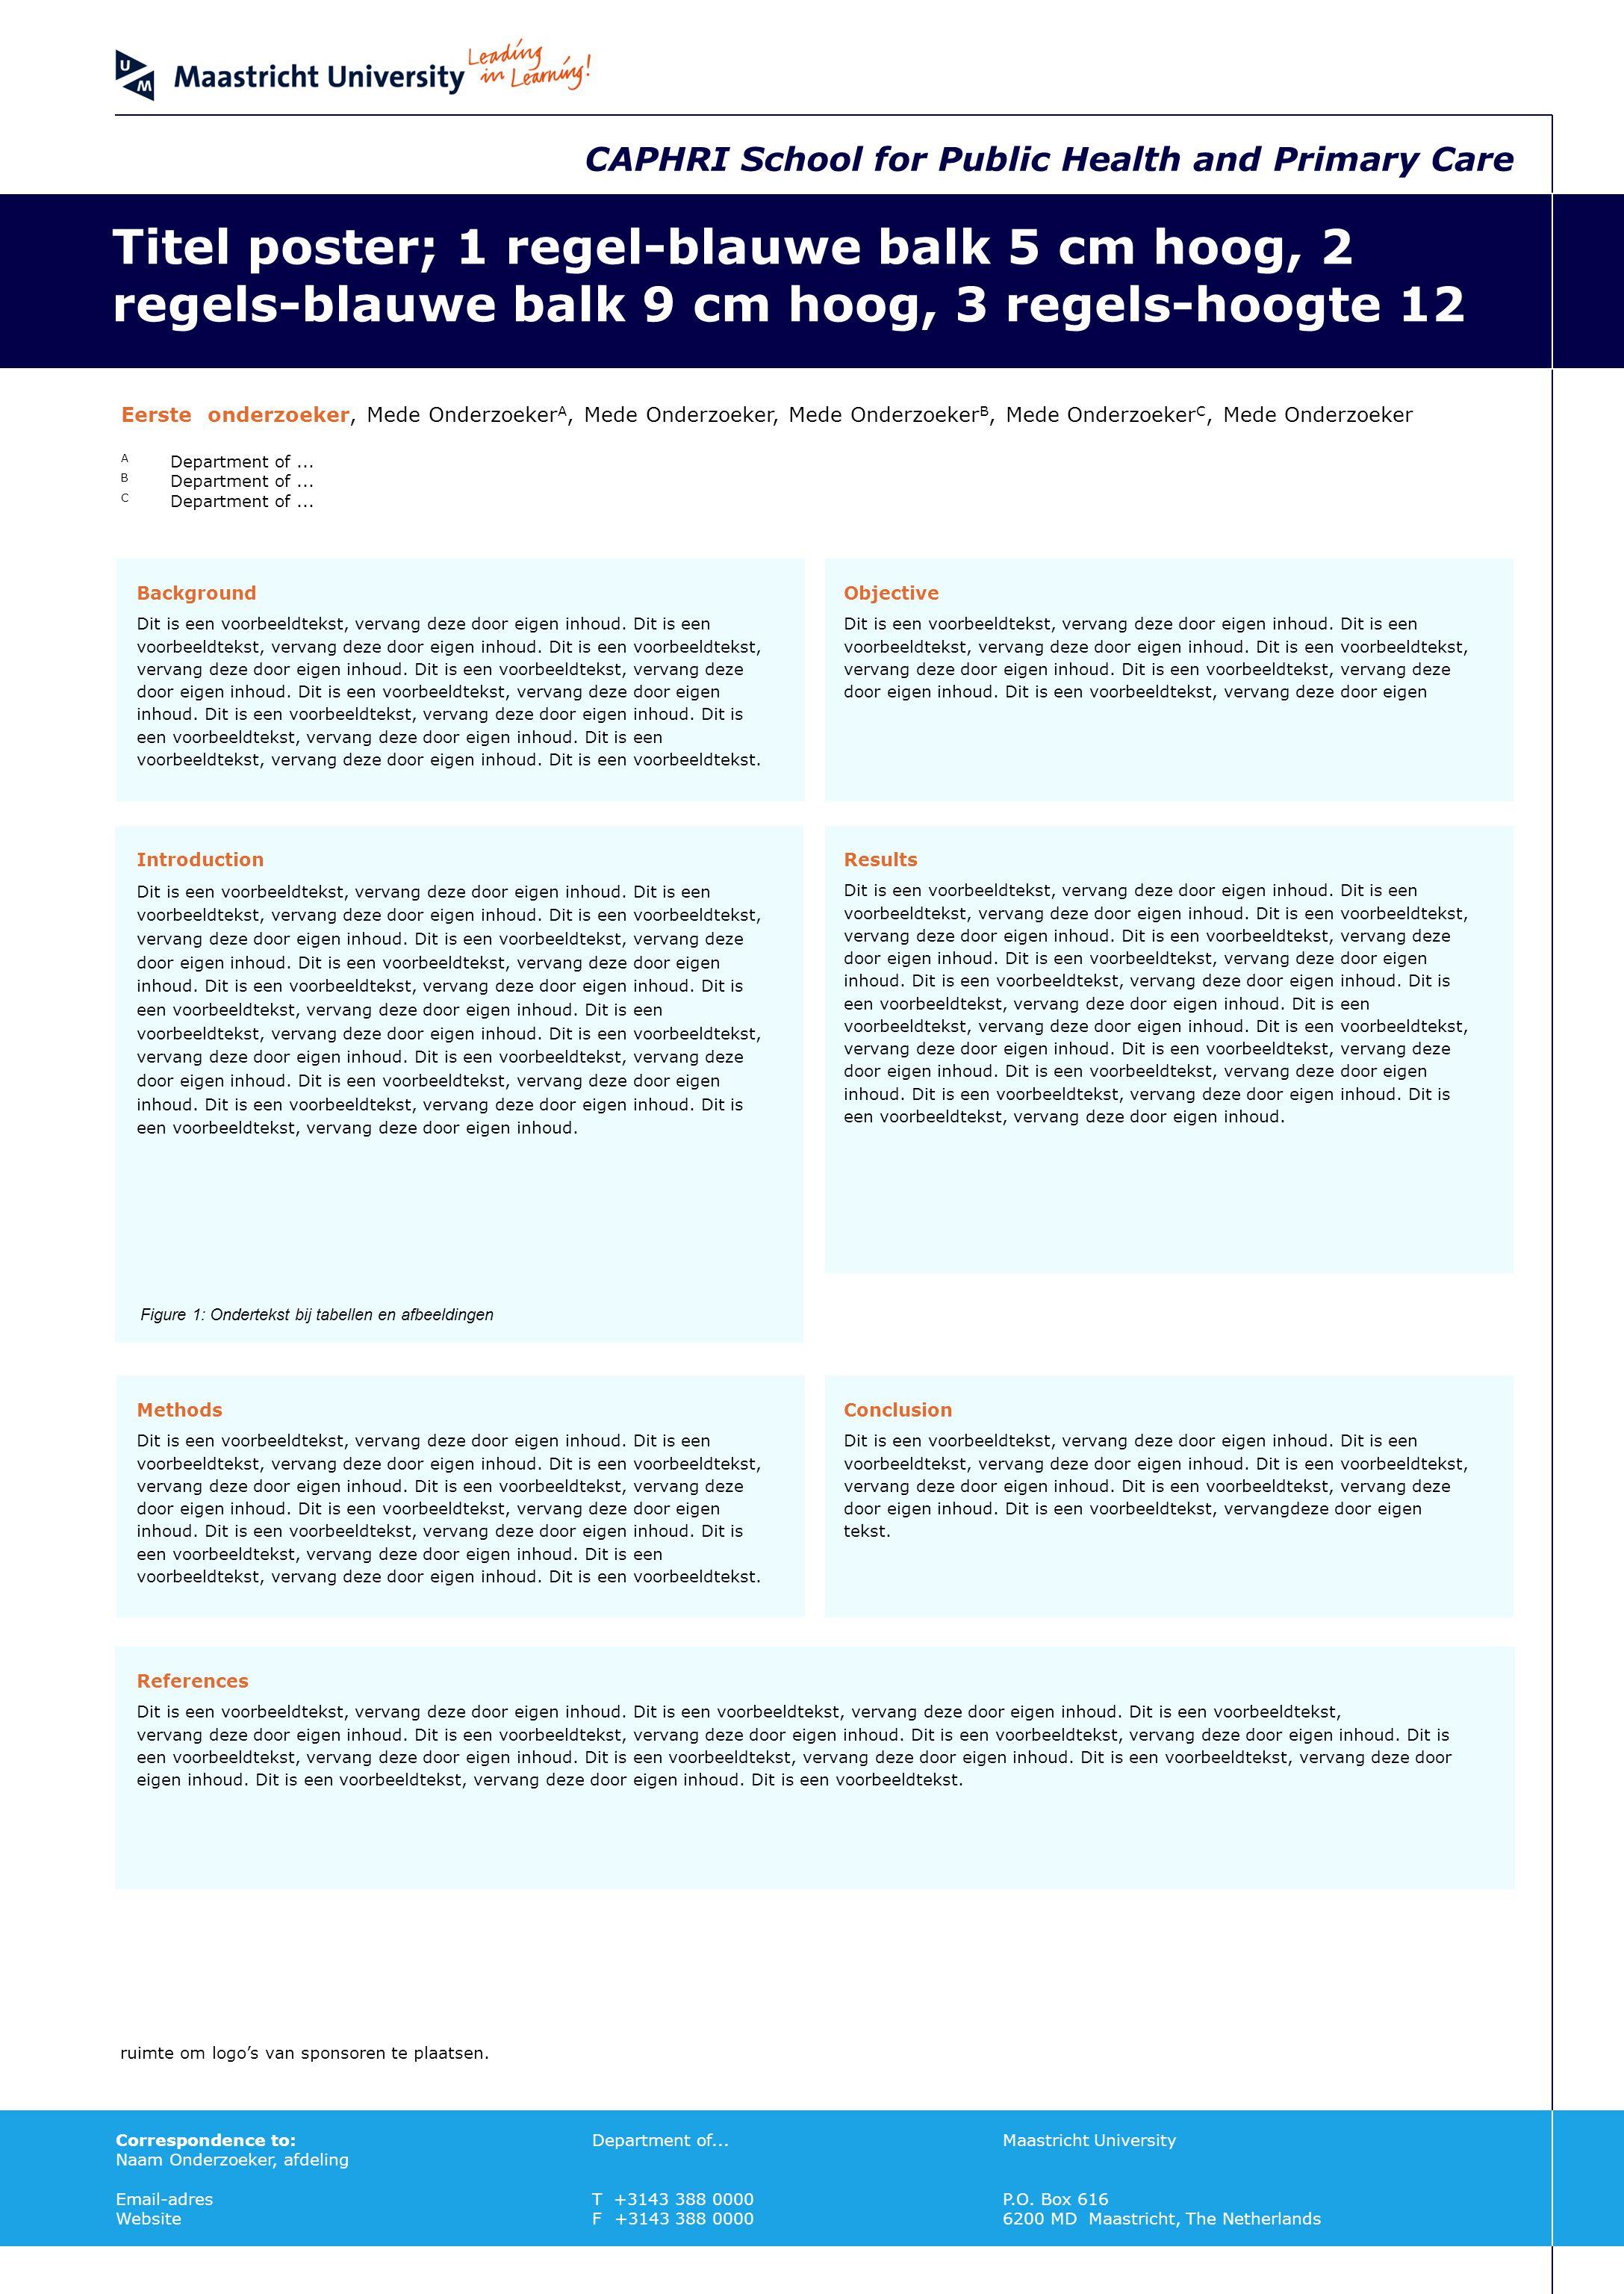 Titel poster; 1 regel-blauwe balk 5 cm hoog, 2 regels-blauwe balk 9 cm hoog, 3 regels-hoogte 12 Eerste onderzoeker, Mede Onderzoeker A, Mede Onderzoeker, Mede Onderzoeker B, Mede Onderzoeker C, Mede Onderzoeker A Department of...